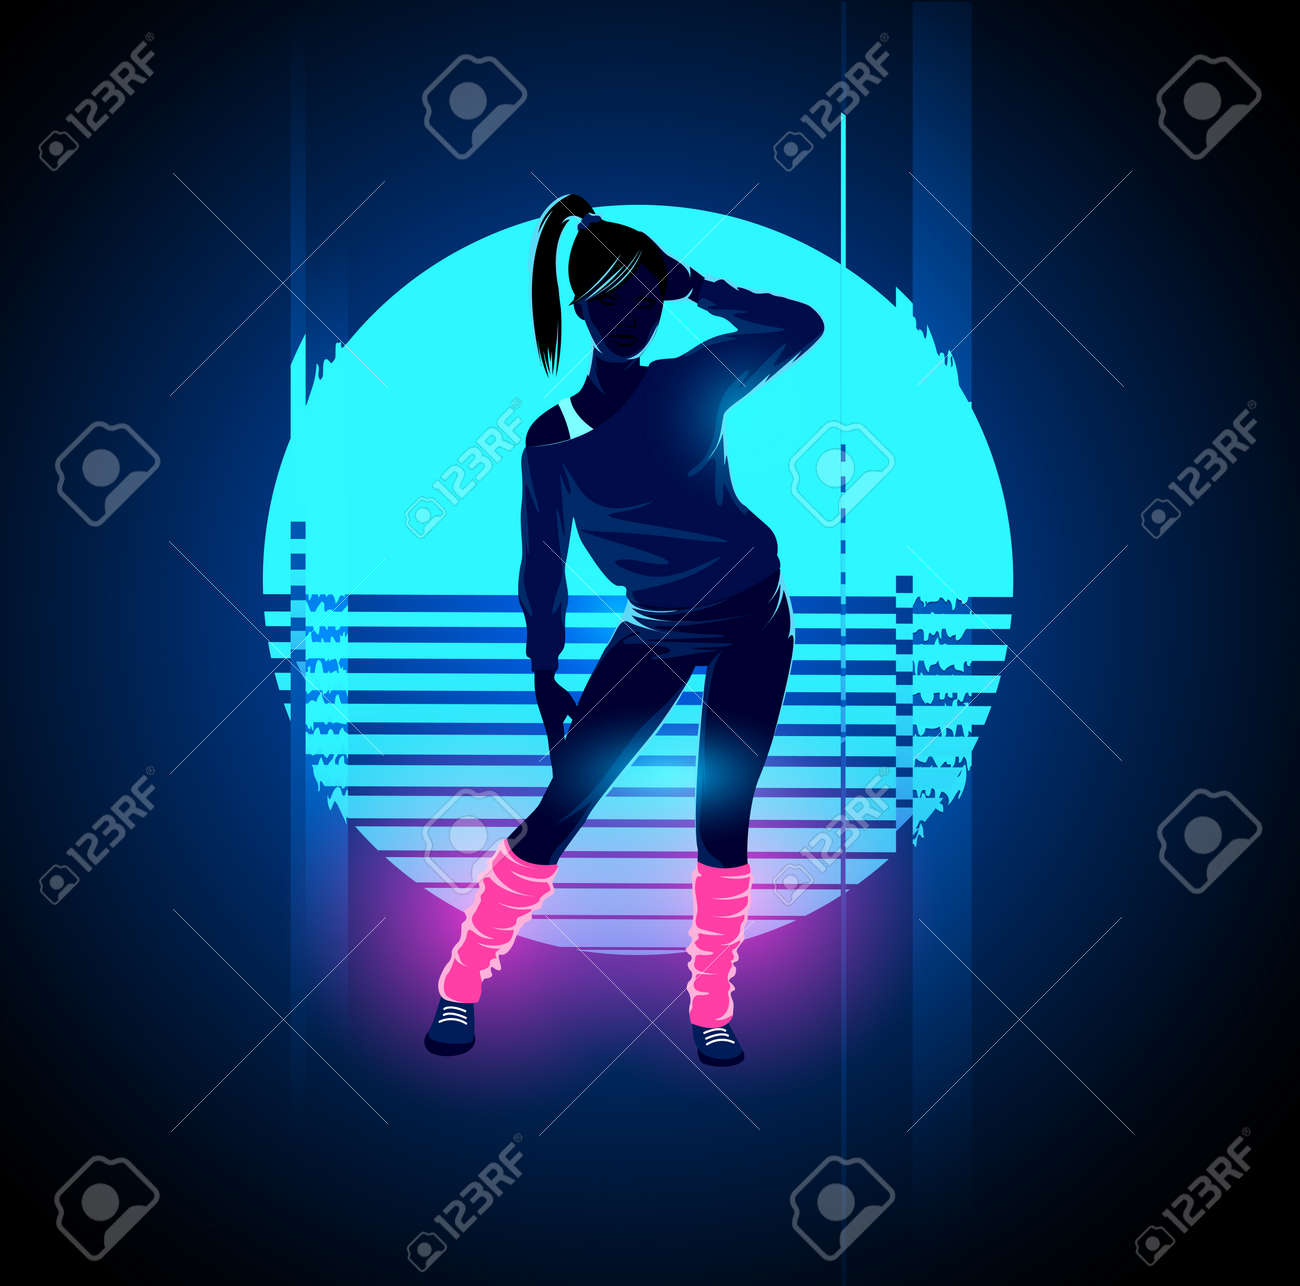 Dame de danse à néon brillant rétro des années 1980 avec fond de coucher de soleil glitch. Illustration vectorielle Banque d'images - 72483231